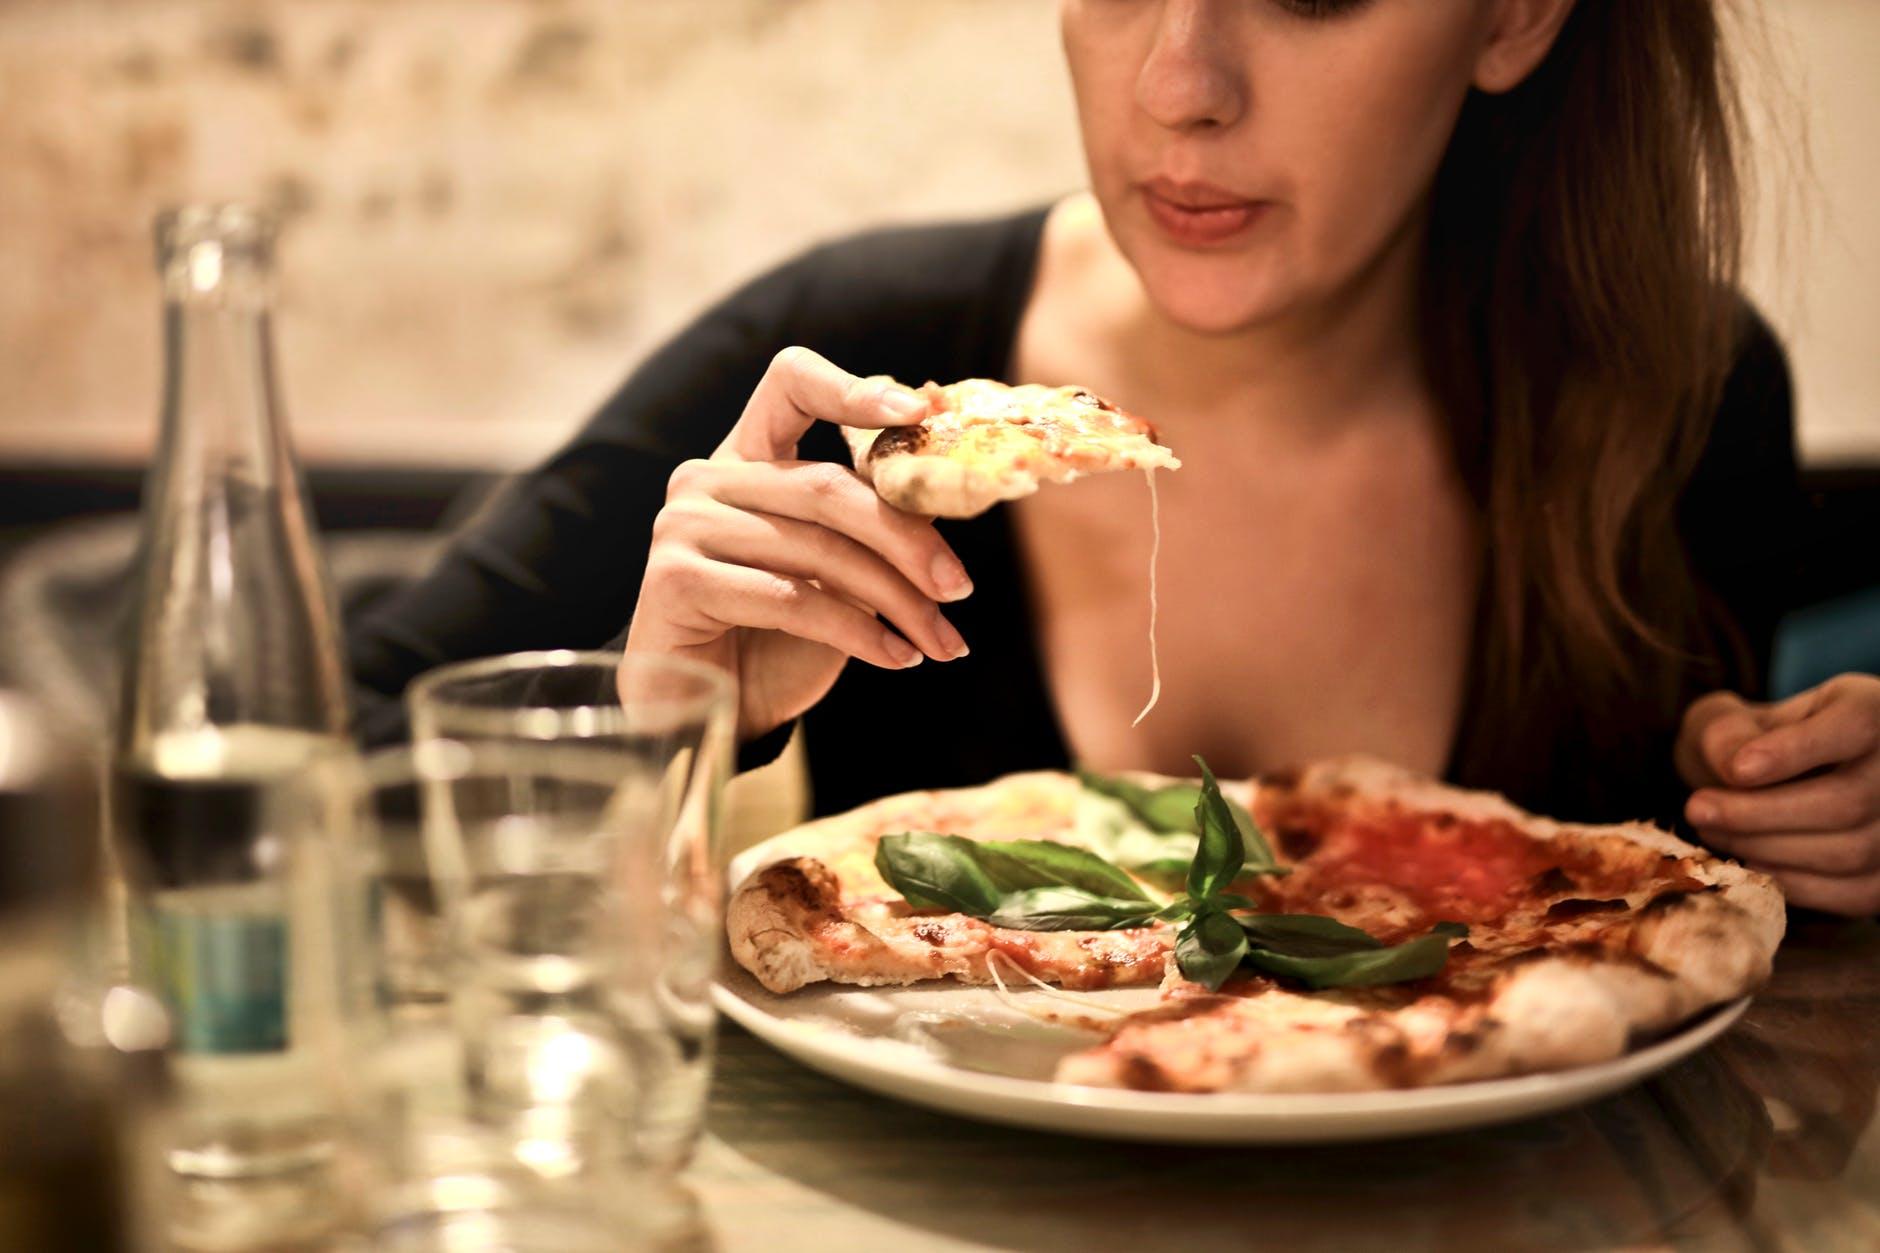 Типы нарушения пищевого поведения: эксперт назвала важные отличия